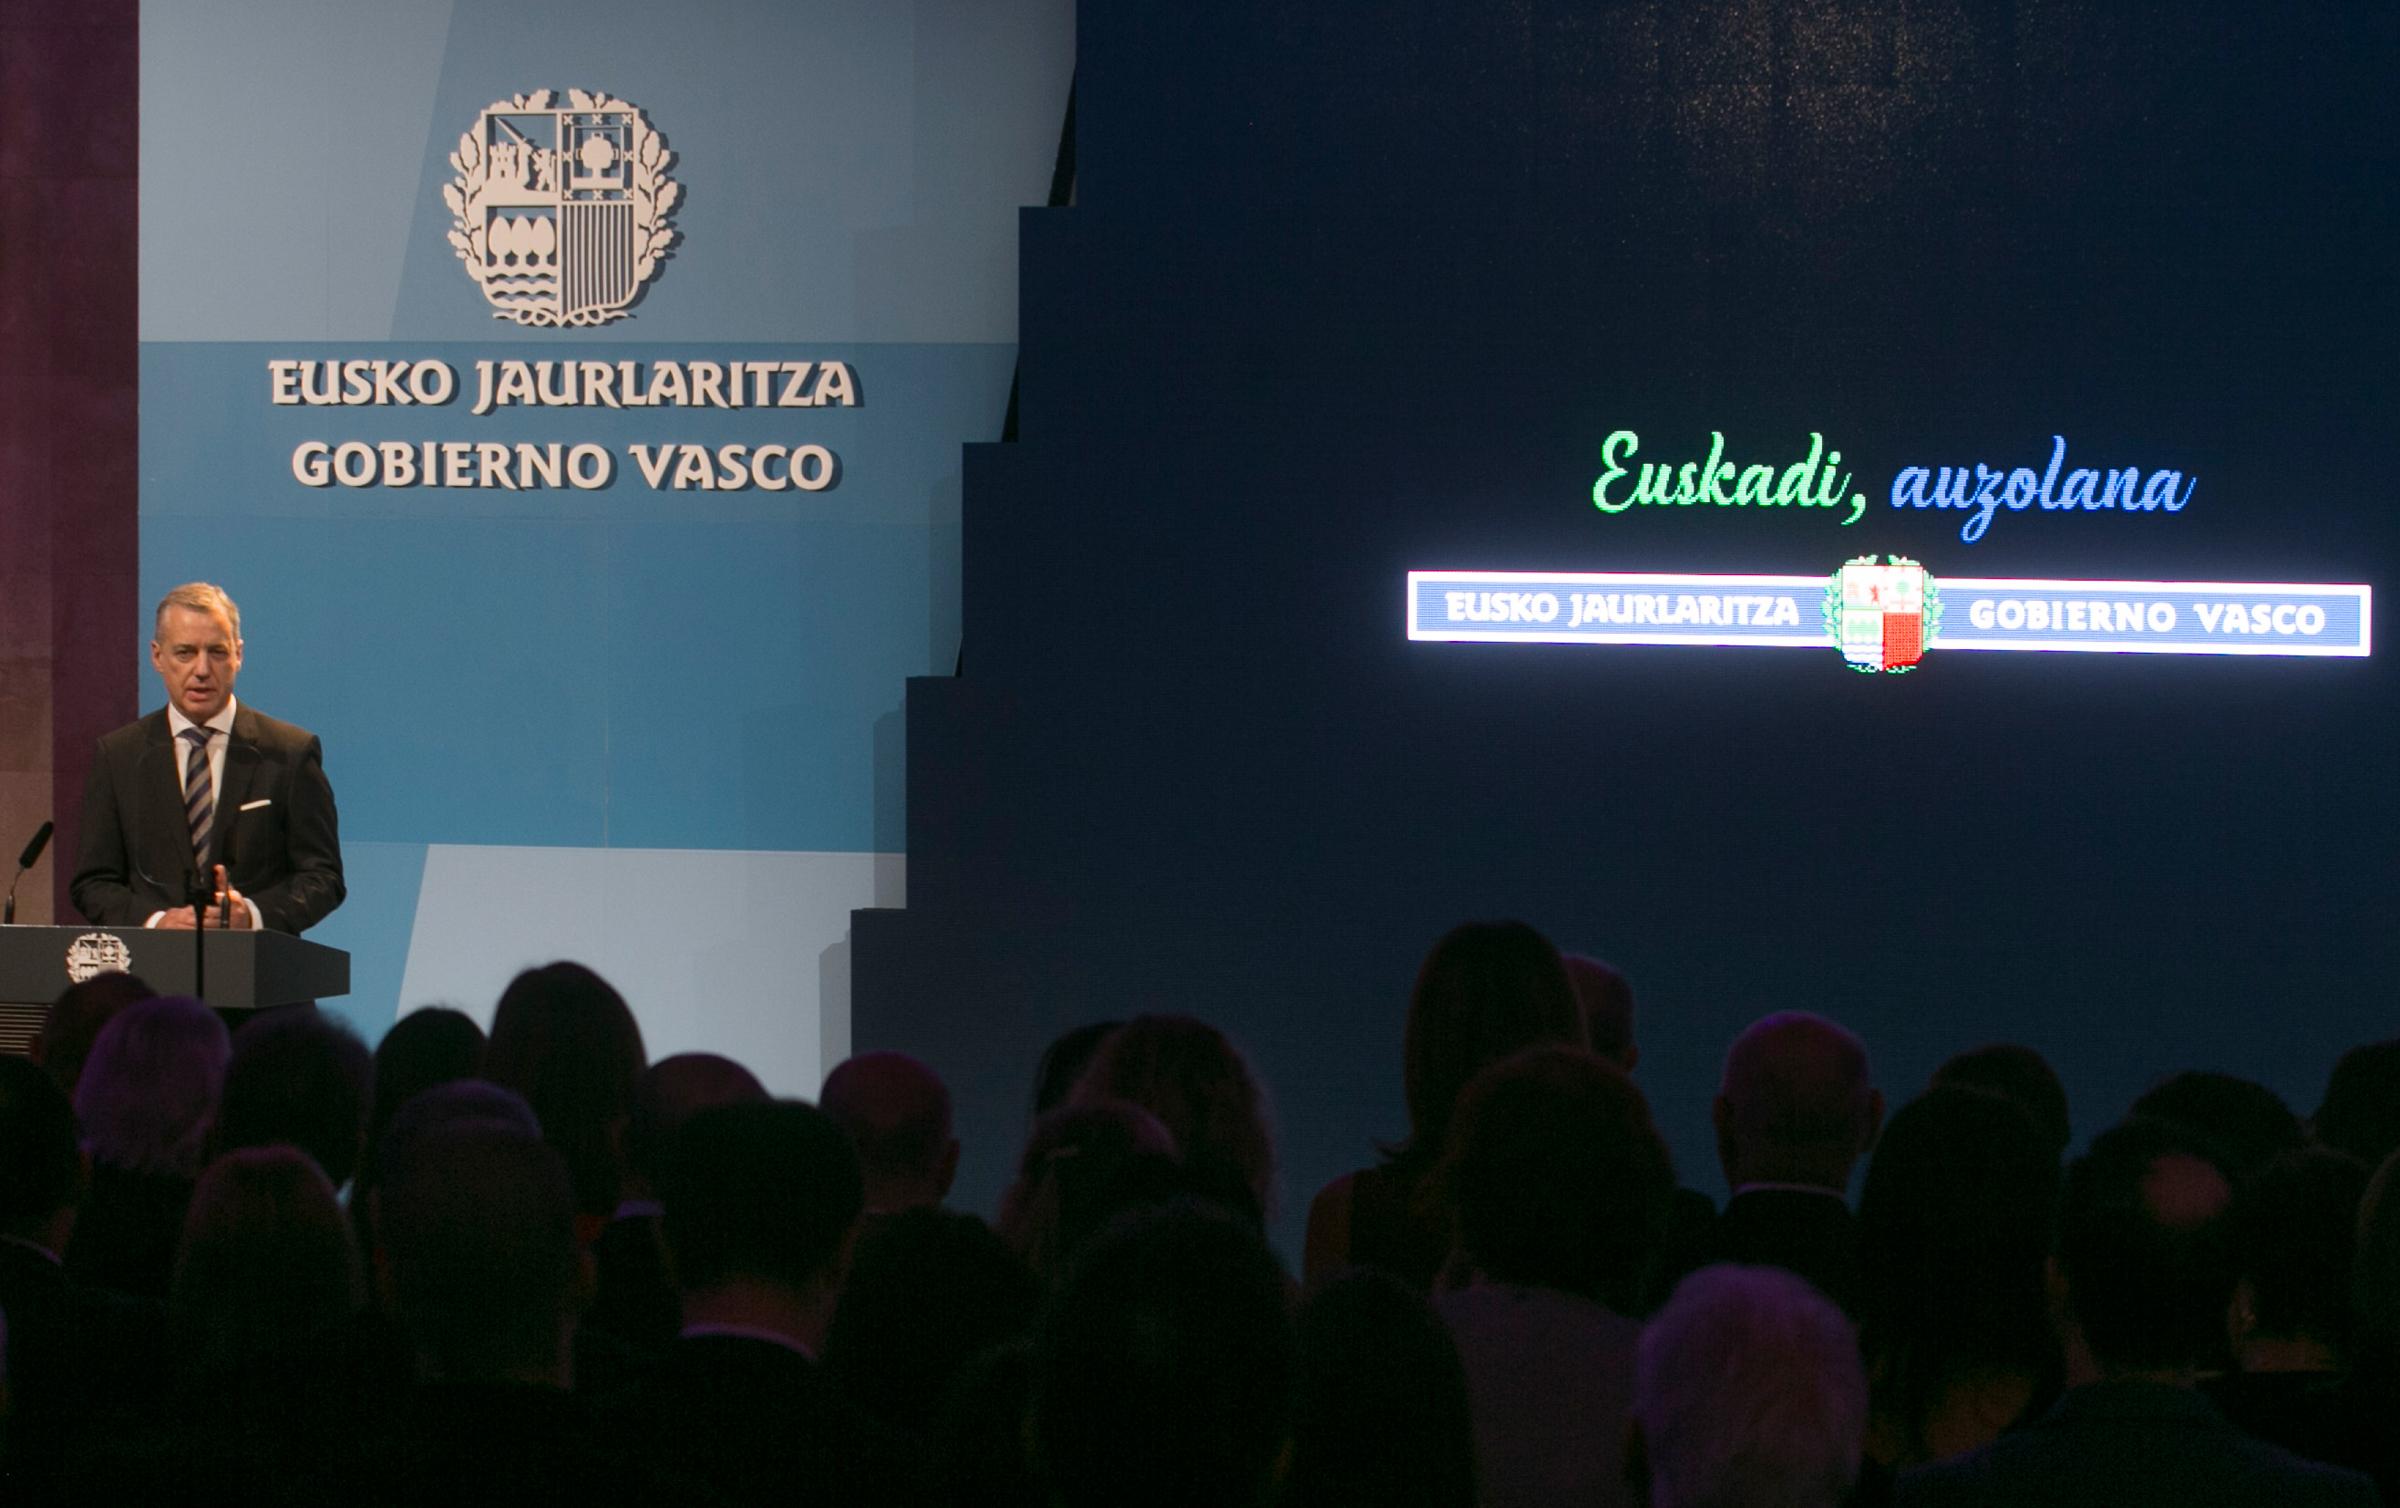 """Presentación del claim """"Euskadi, auzolana"""" en Lehendakaritza"""